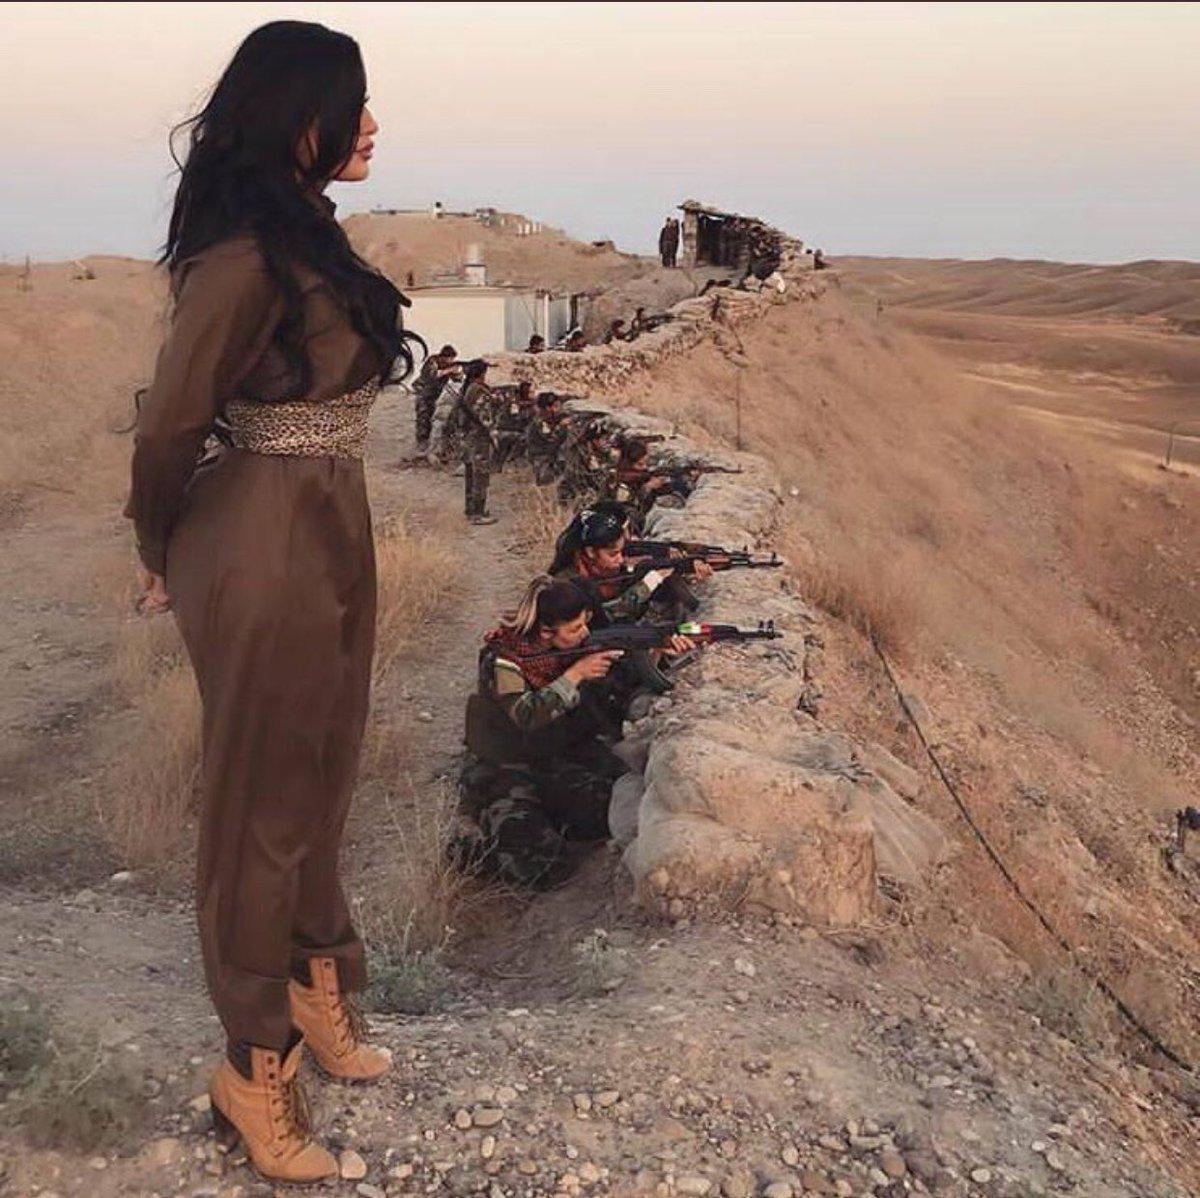 【悲惨】クルド人女性兵士の部隊長、ISISに捕らえられ変わり果てた姿で発見される・・・・・(画像)・1枚目